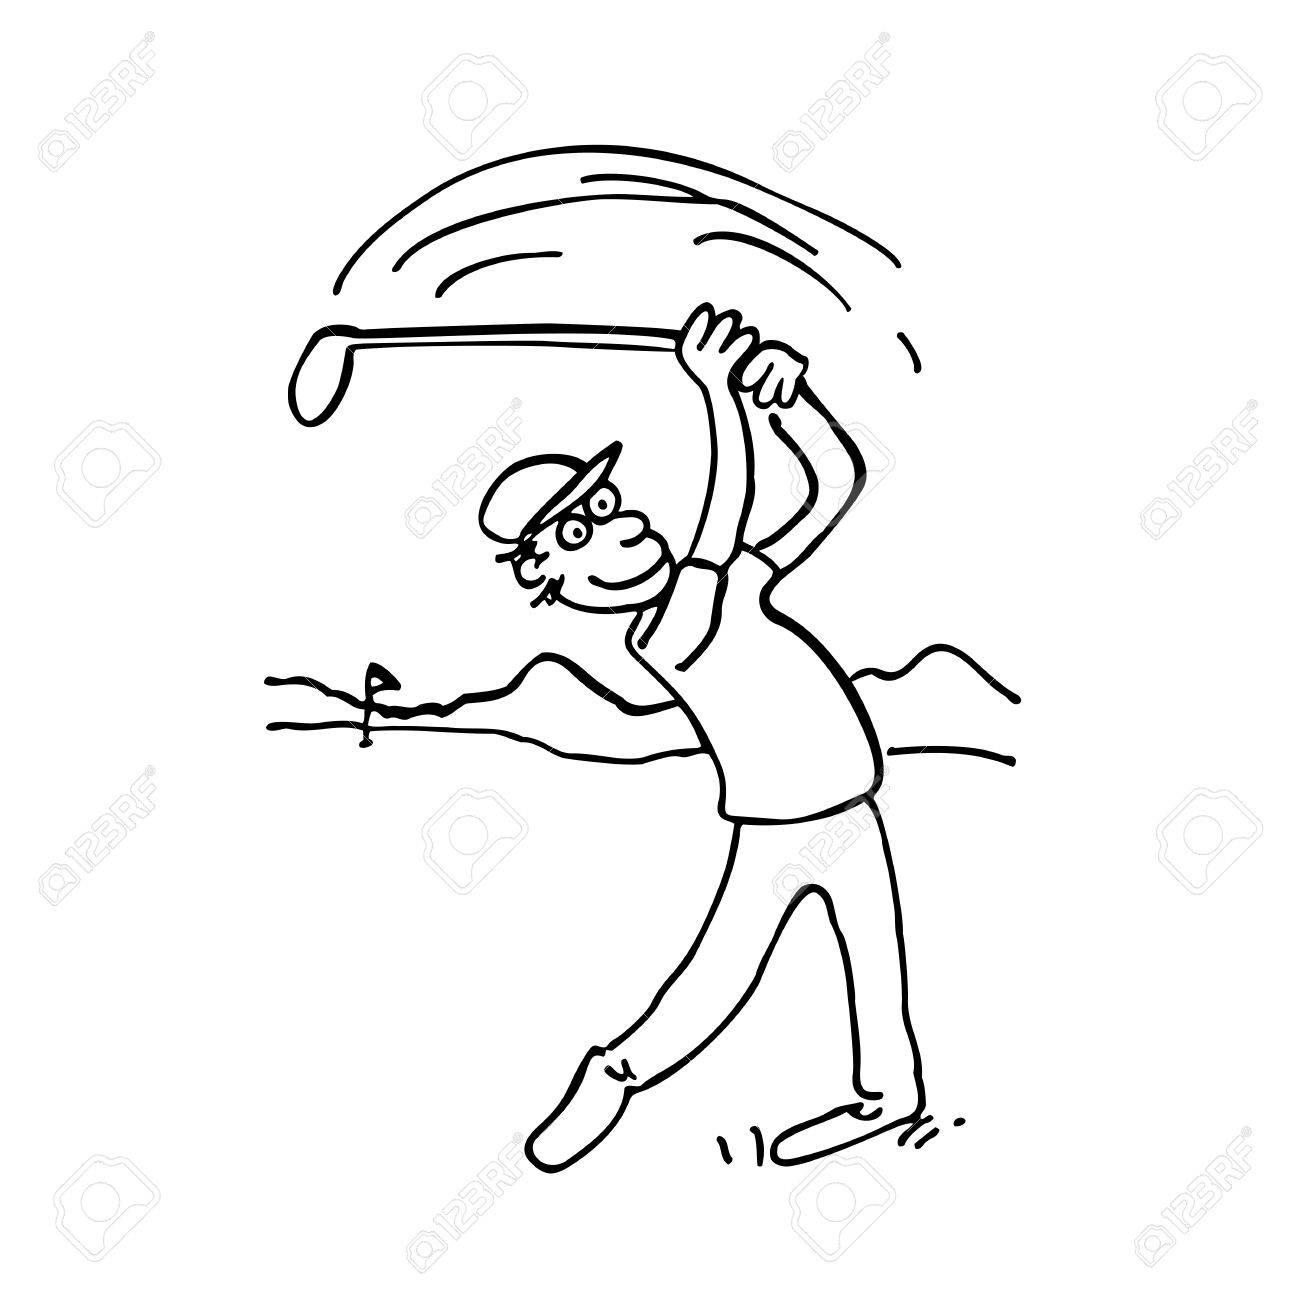 Golf Drawing At Getdrawings